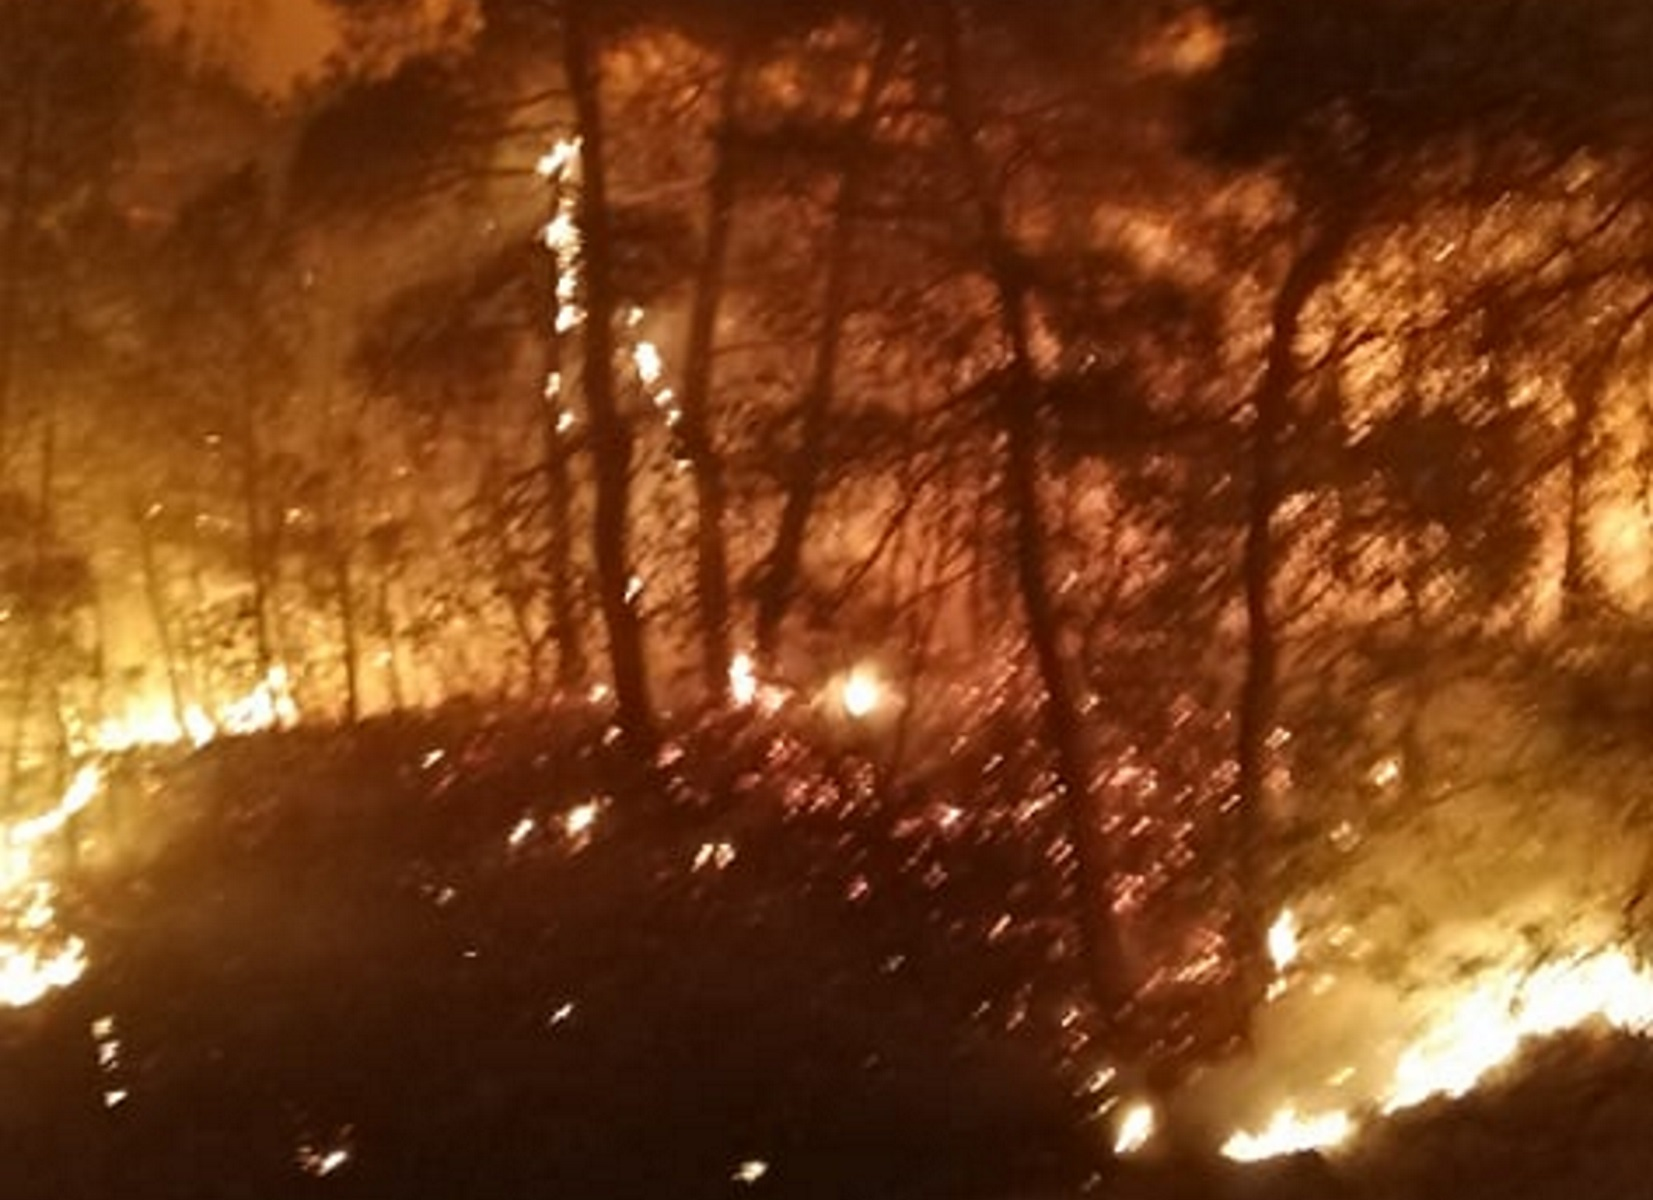 Δύσκολη νύχτα στο Σουφλί: Μεγάλη φωτιά σε δάσος (video)